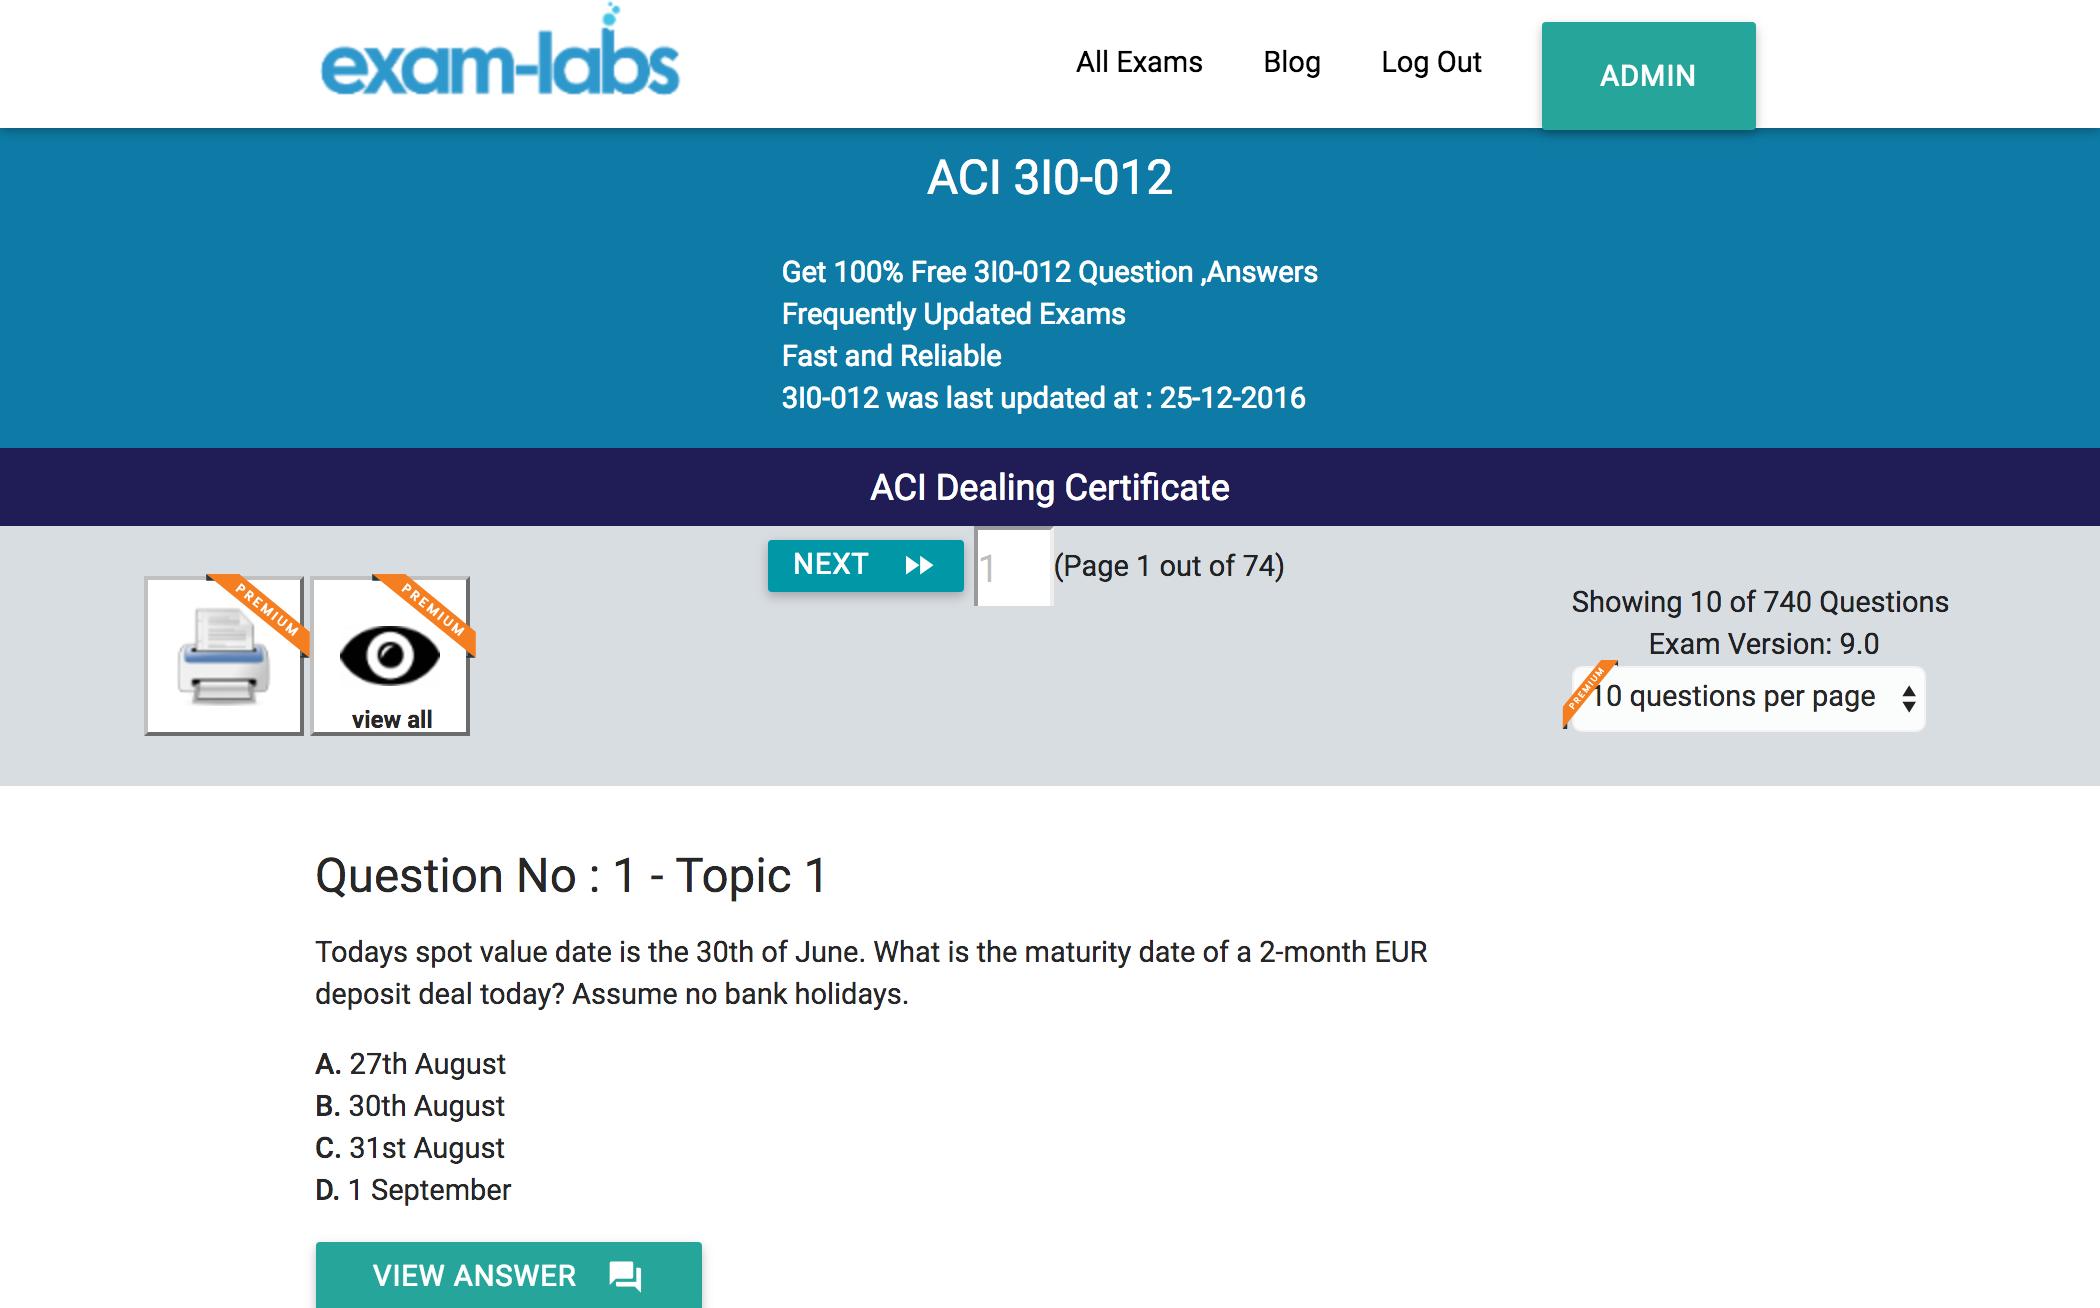 3I0-012 ACI Dealing Certificate Exam Exam Training